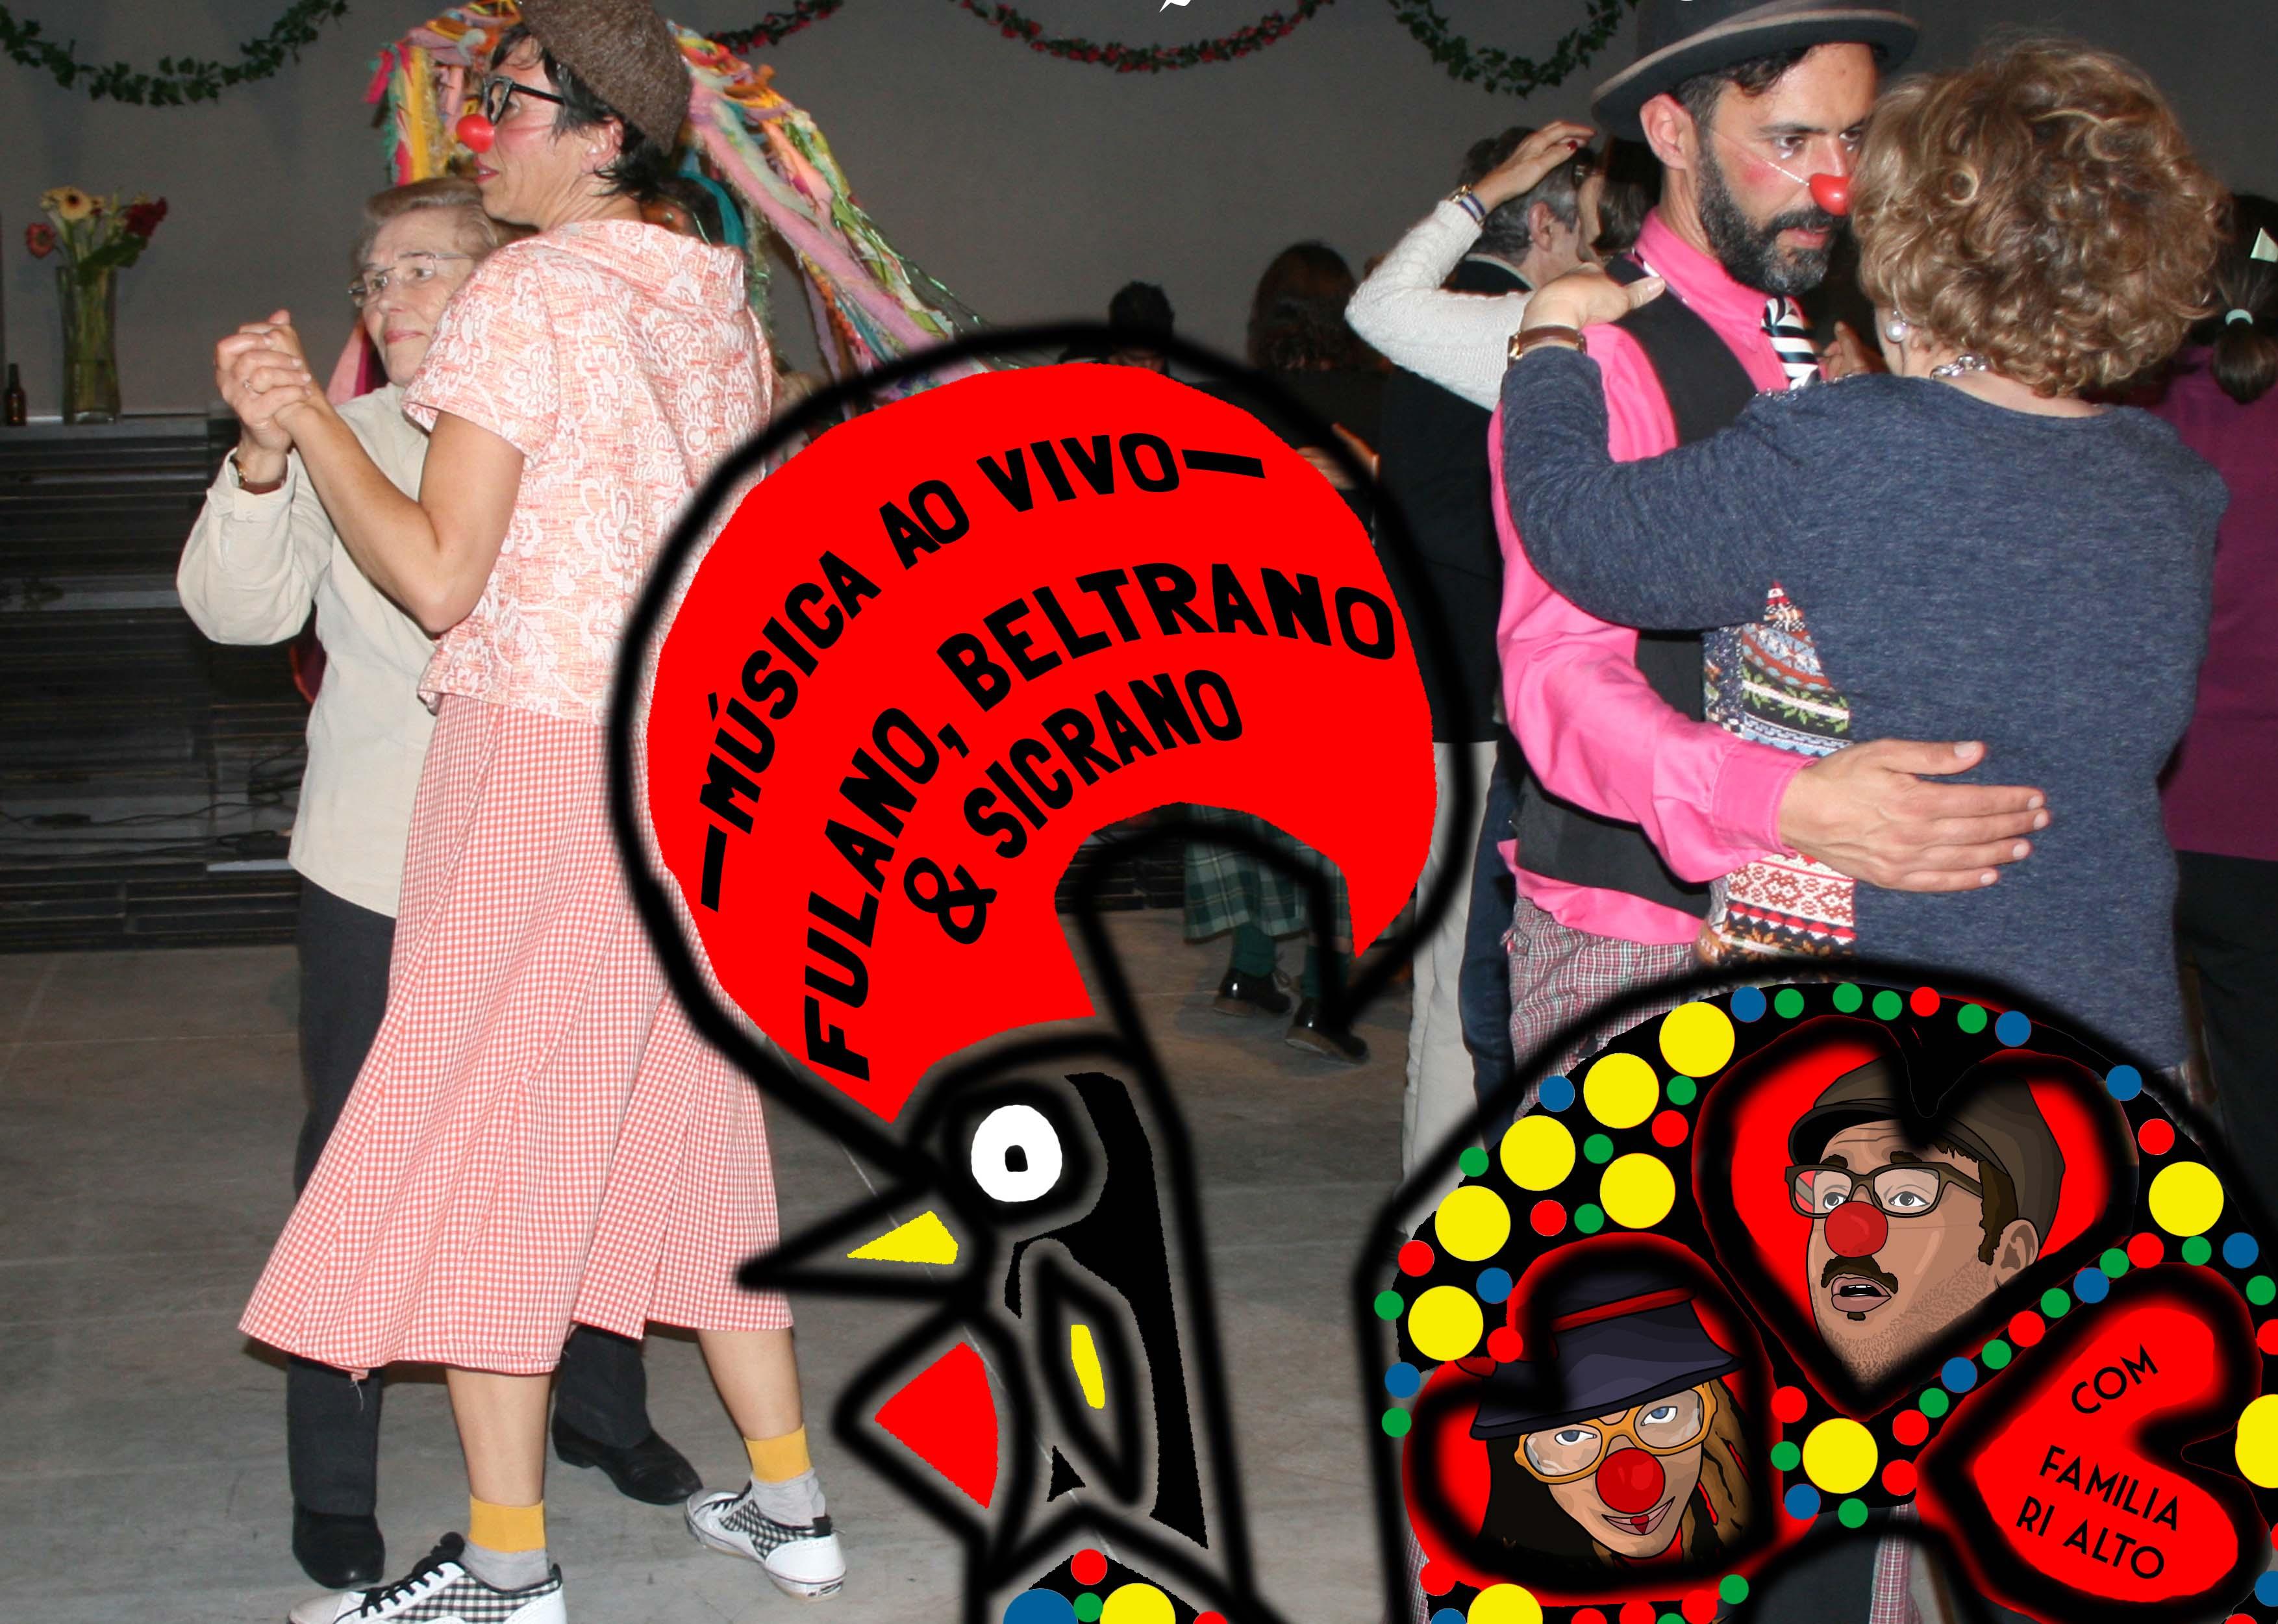 Bailarico Cómico à Boa Portuguesa